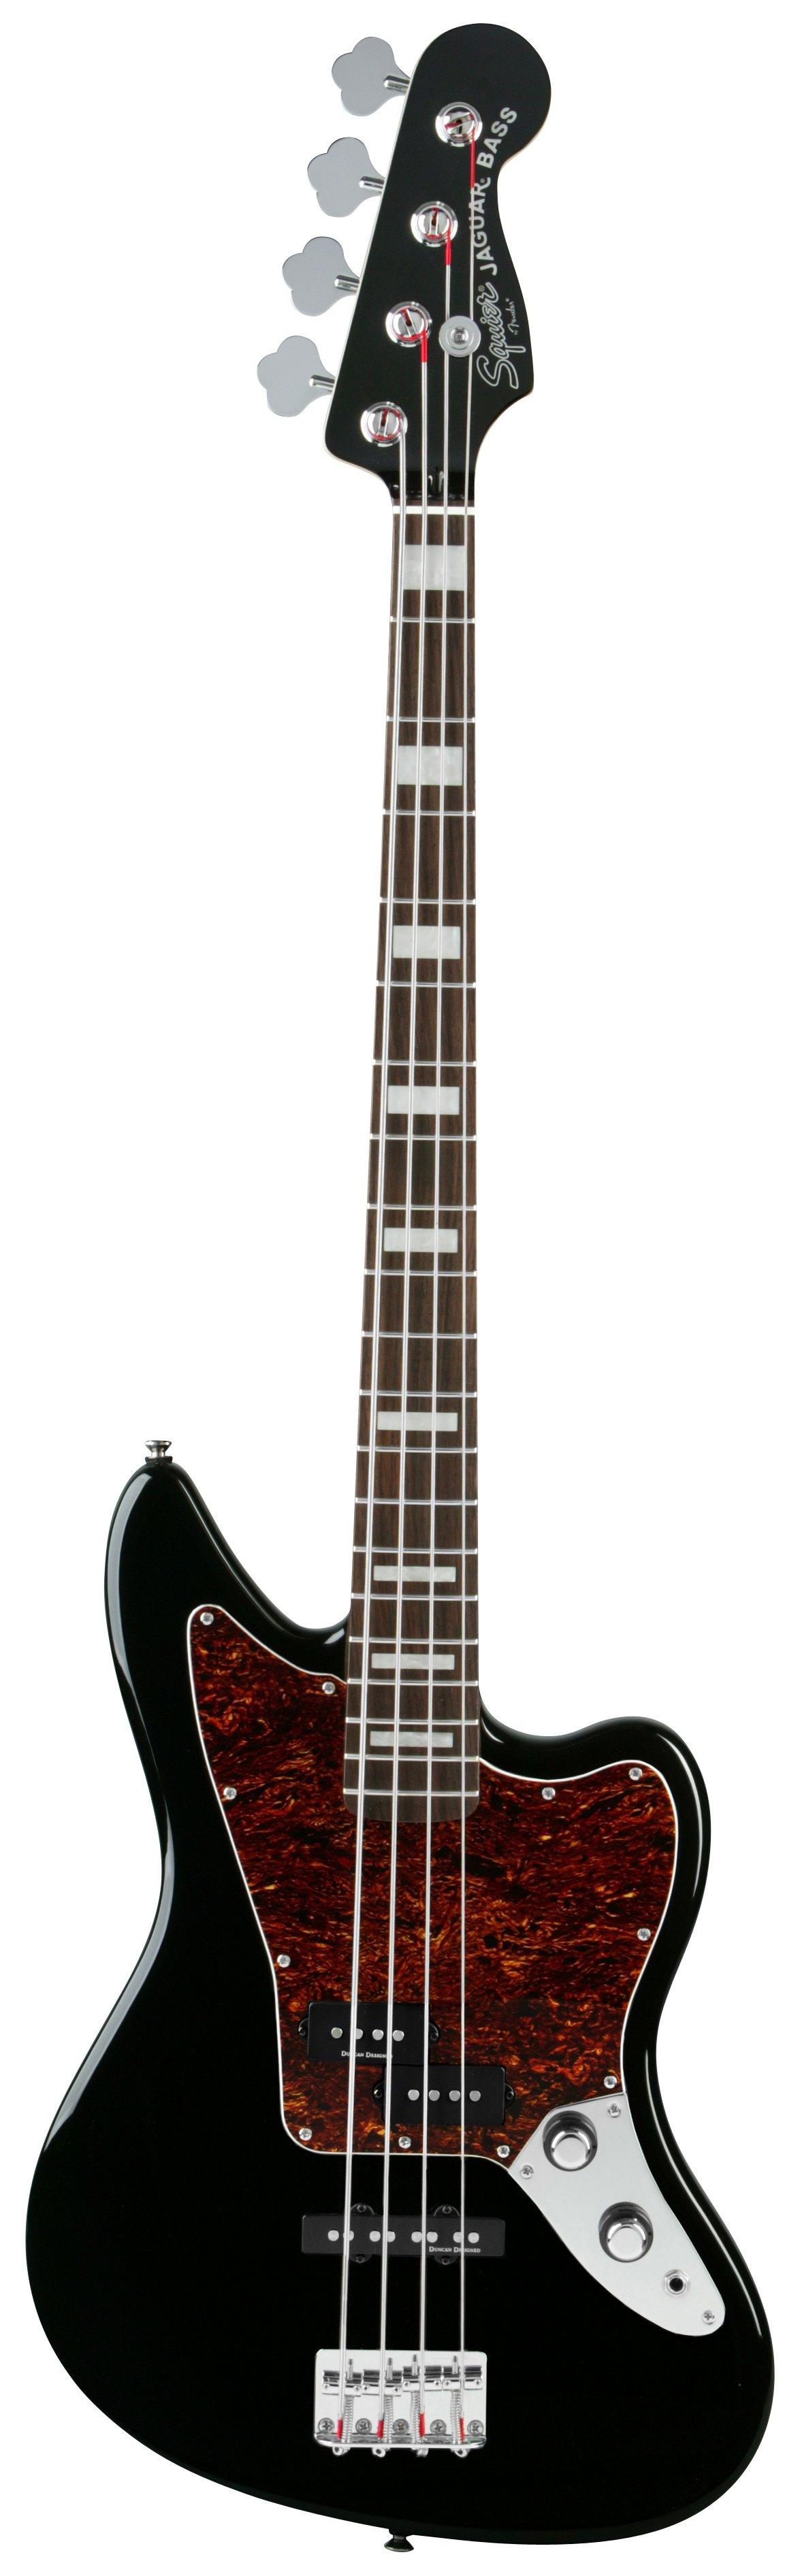 Squier Vintage Modified Jaguar Electric Bass Guitar Fender Bass Guitar Squier